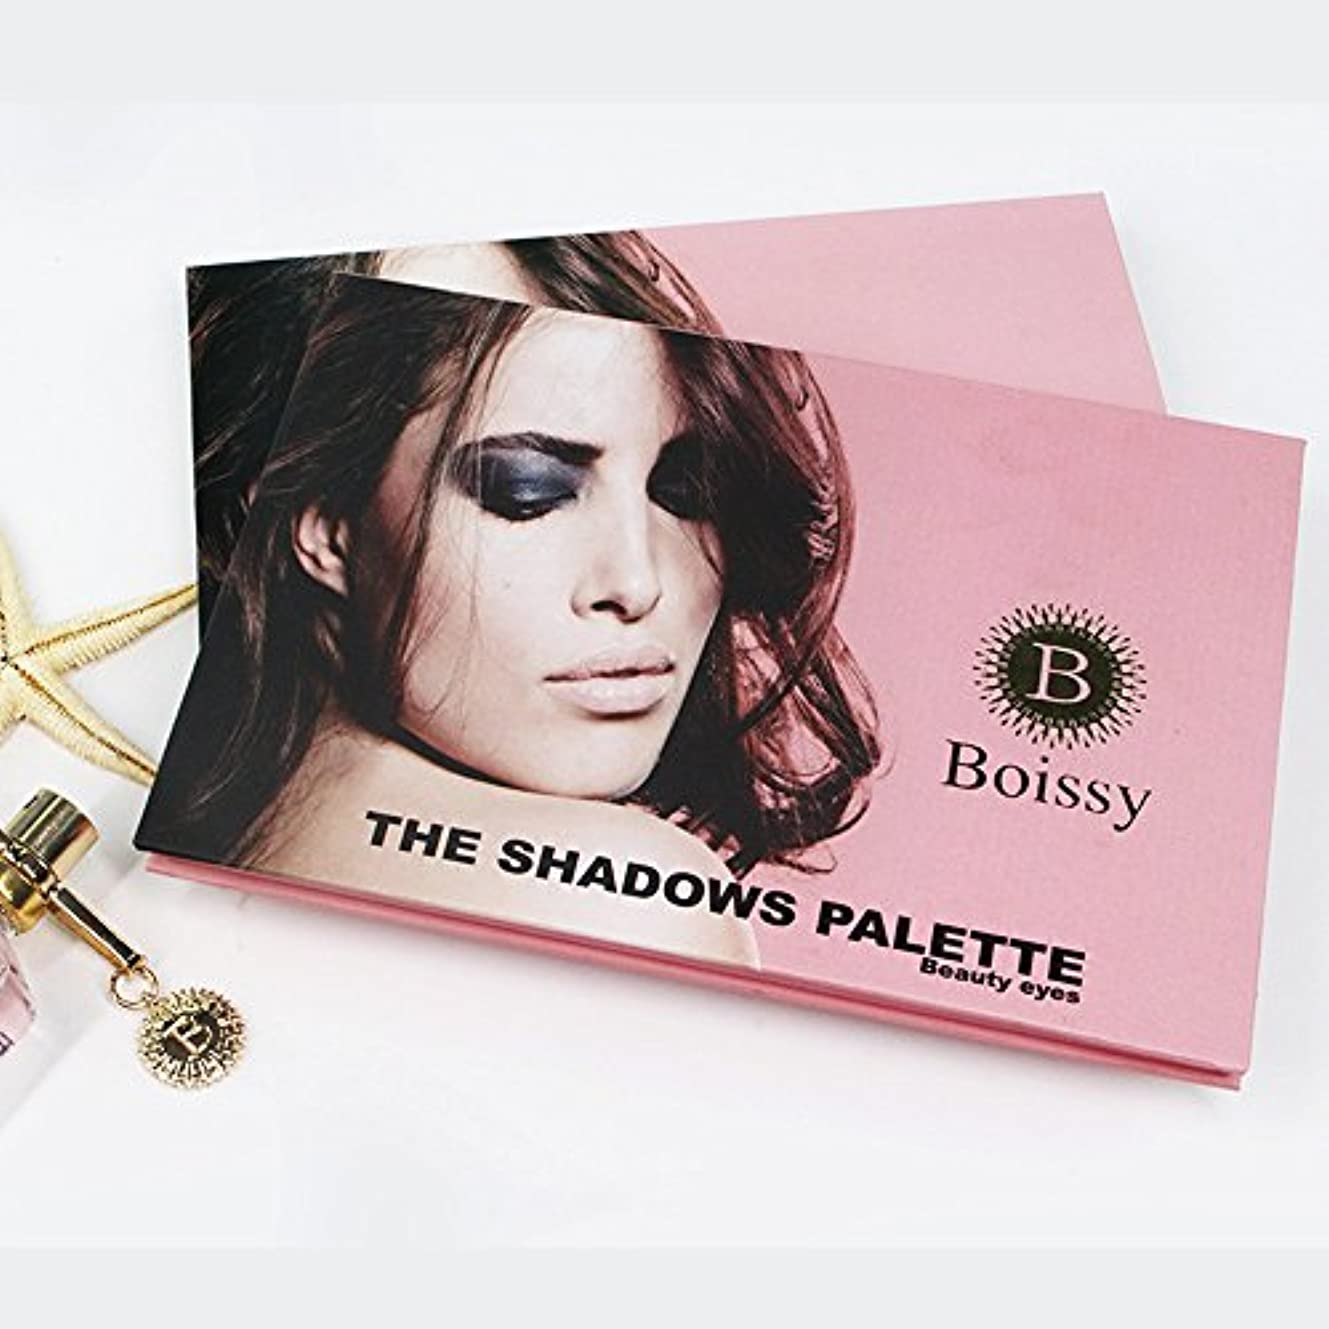 最大化する辛なくしゃみAkane アイシャドウパレット BOISSY ファッション 可愛い 魅力的 キラキラ 人気 ピンク 綺麗 長持ち おしゃれ 防水 チャーム 日常 持ち便利 Eye Shadow (24色)